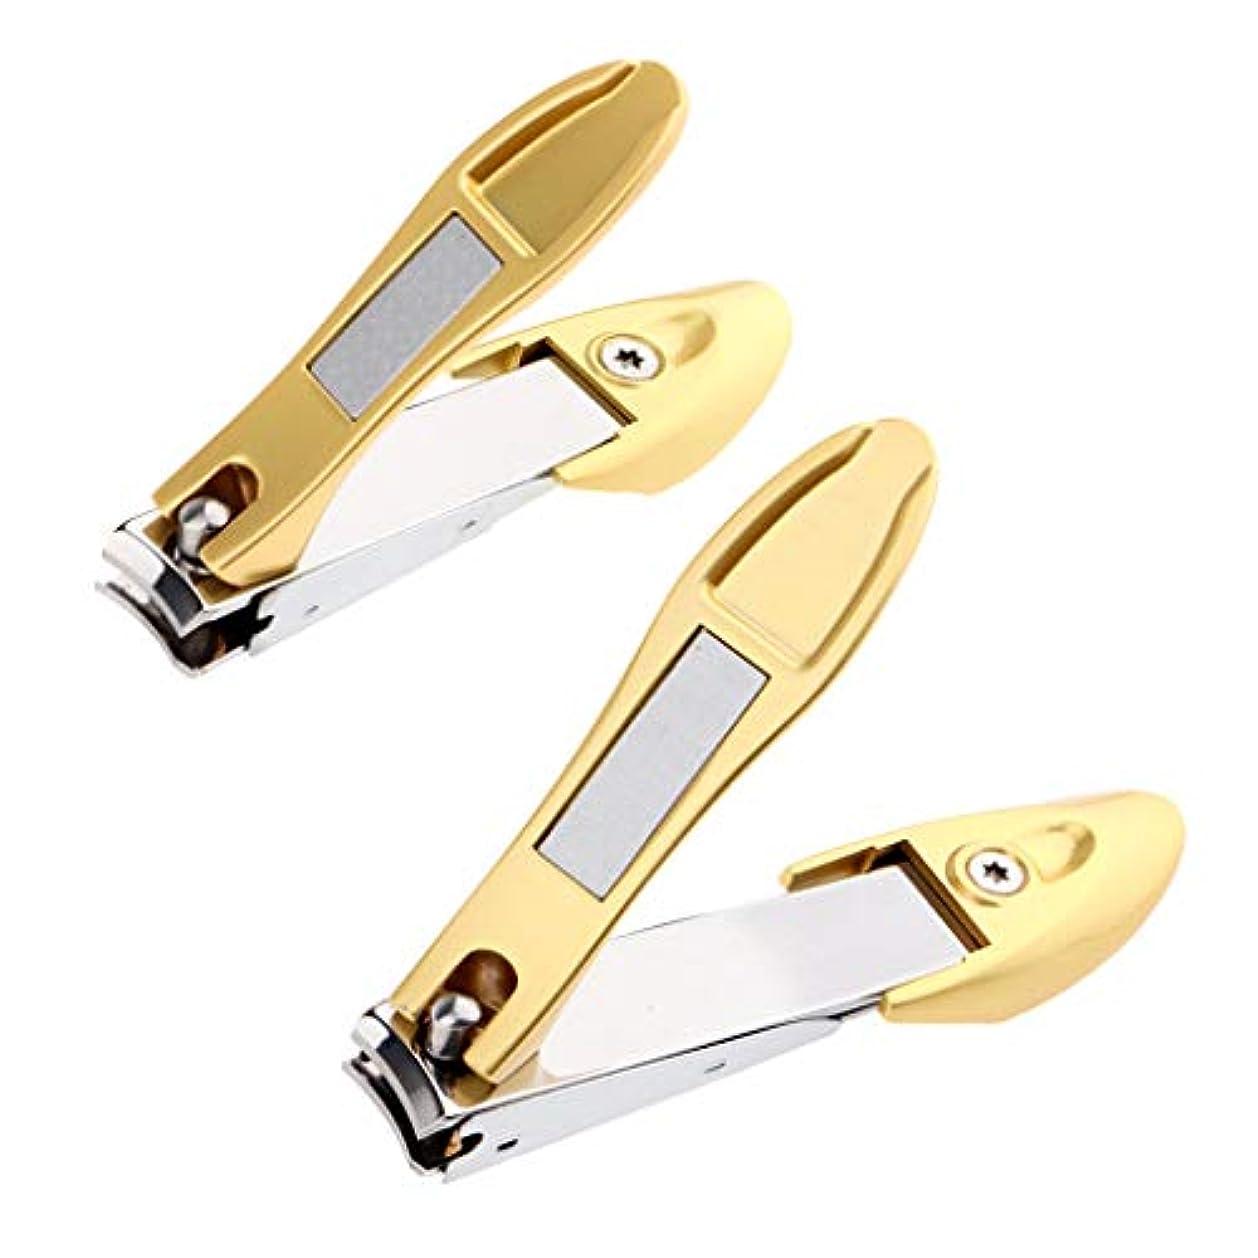 引退する理想的造船CUTICATE 爪切り つめきり ステンレス製 厚い爪/巻き爪 に最適切れ 飛び散り防止 携帯便利 2個入り